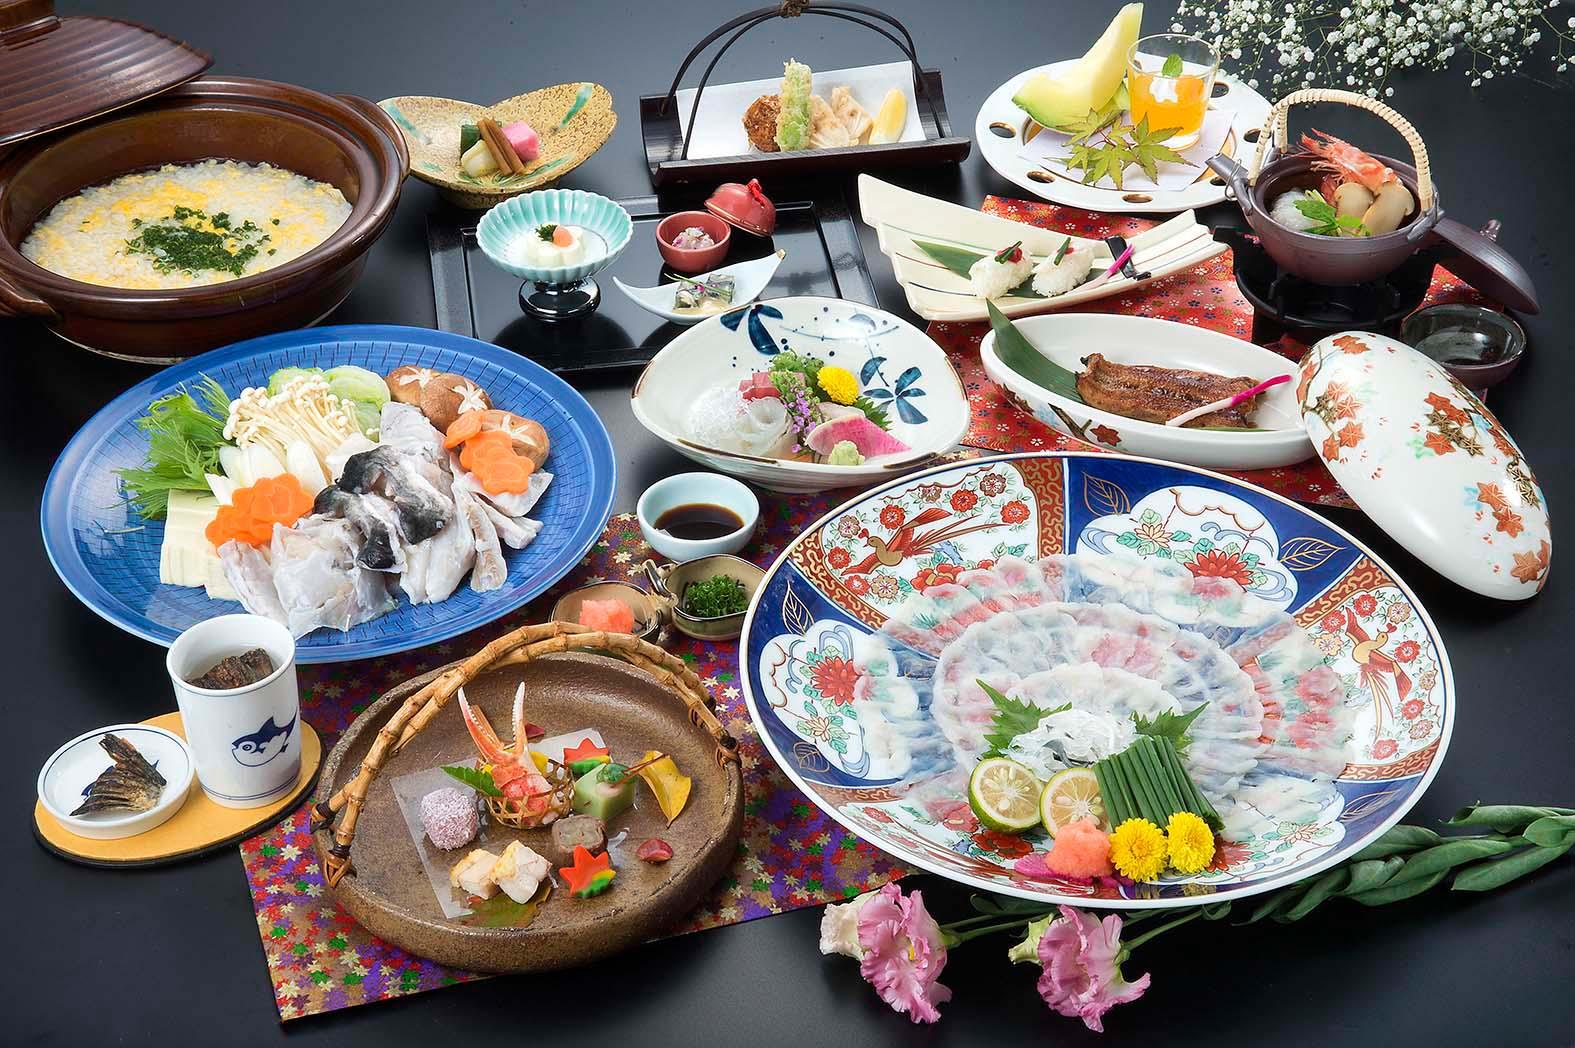 【福会席】遠州灘産天然とらふぐ料理8品贅沢に味わう至福の時間♪